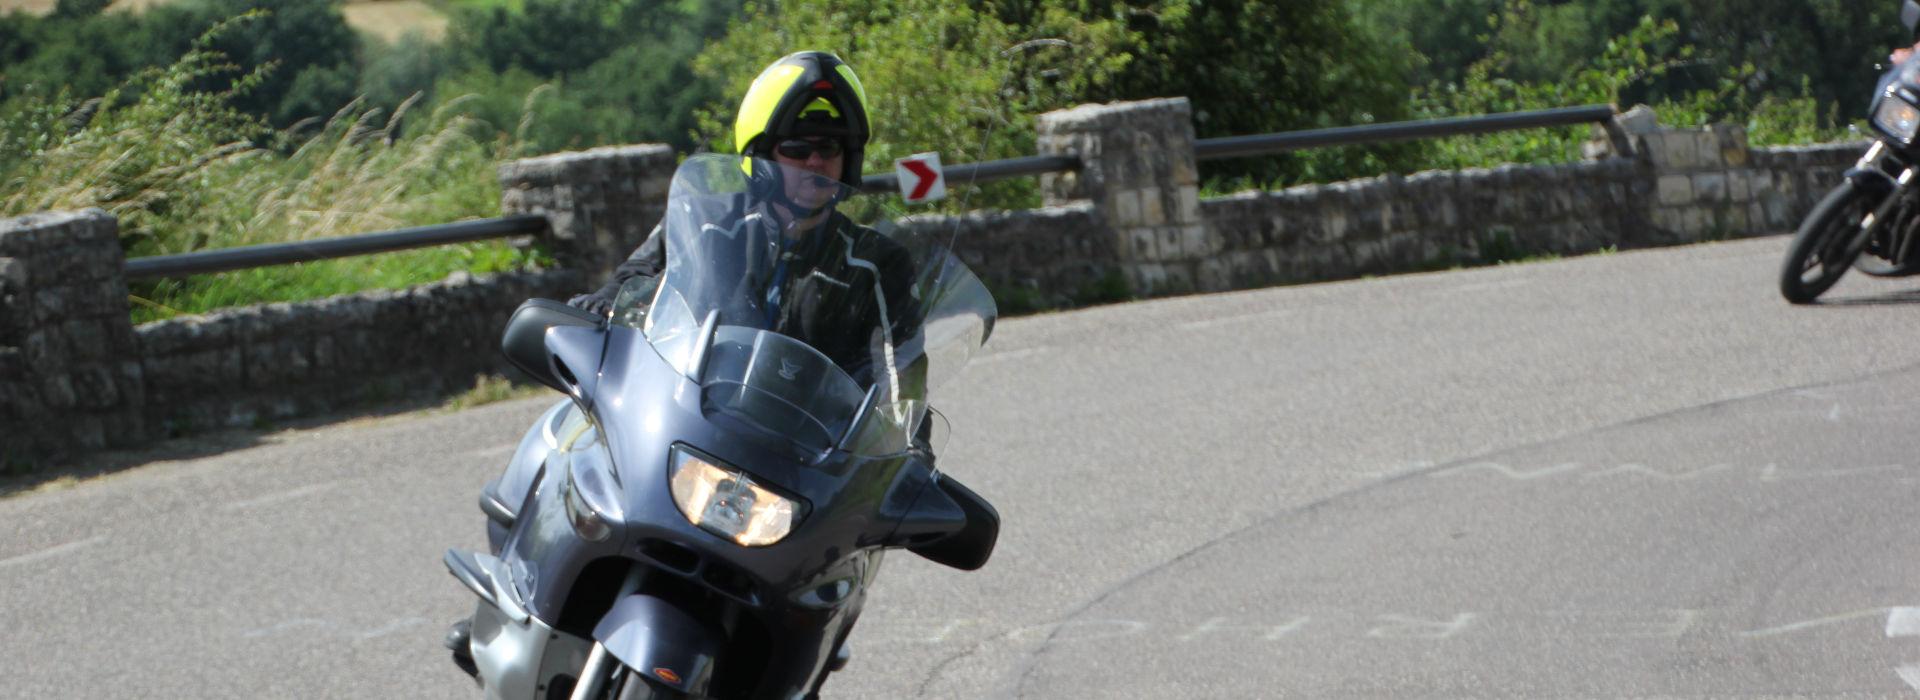 Motorrijbewijspoint Limmen motorrijlessen